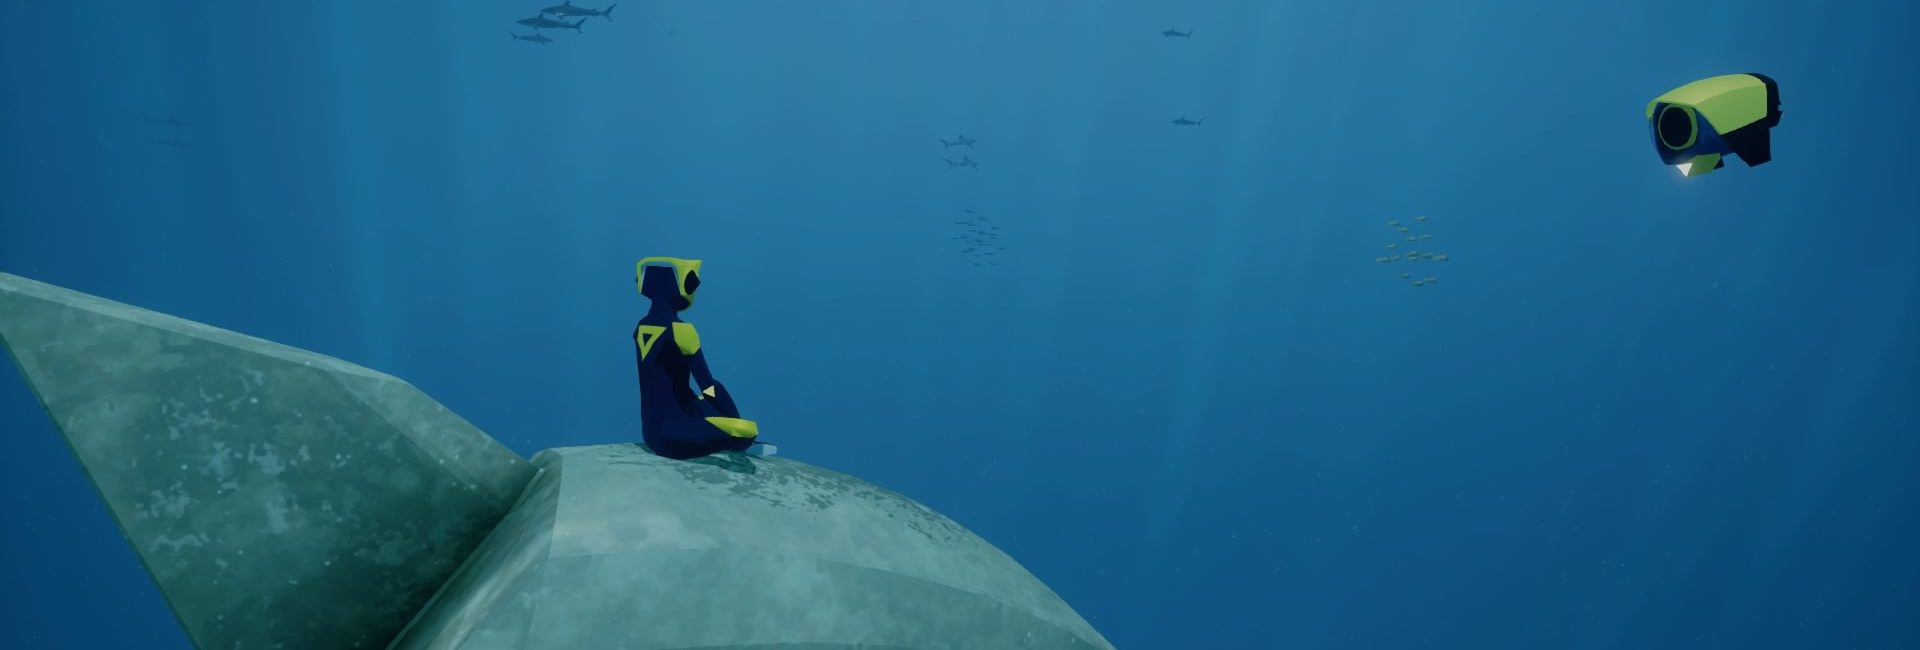 Szene aus Abzu. Die Spielfigur sitzt unter Wasser meditierend auf einem Stein.